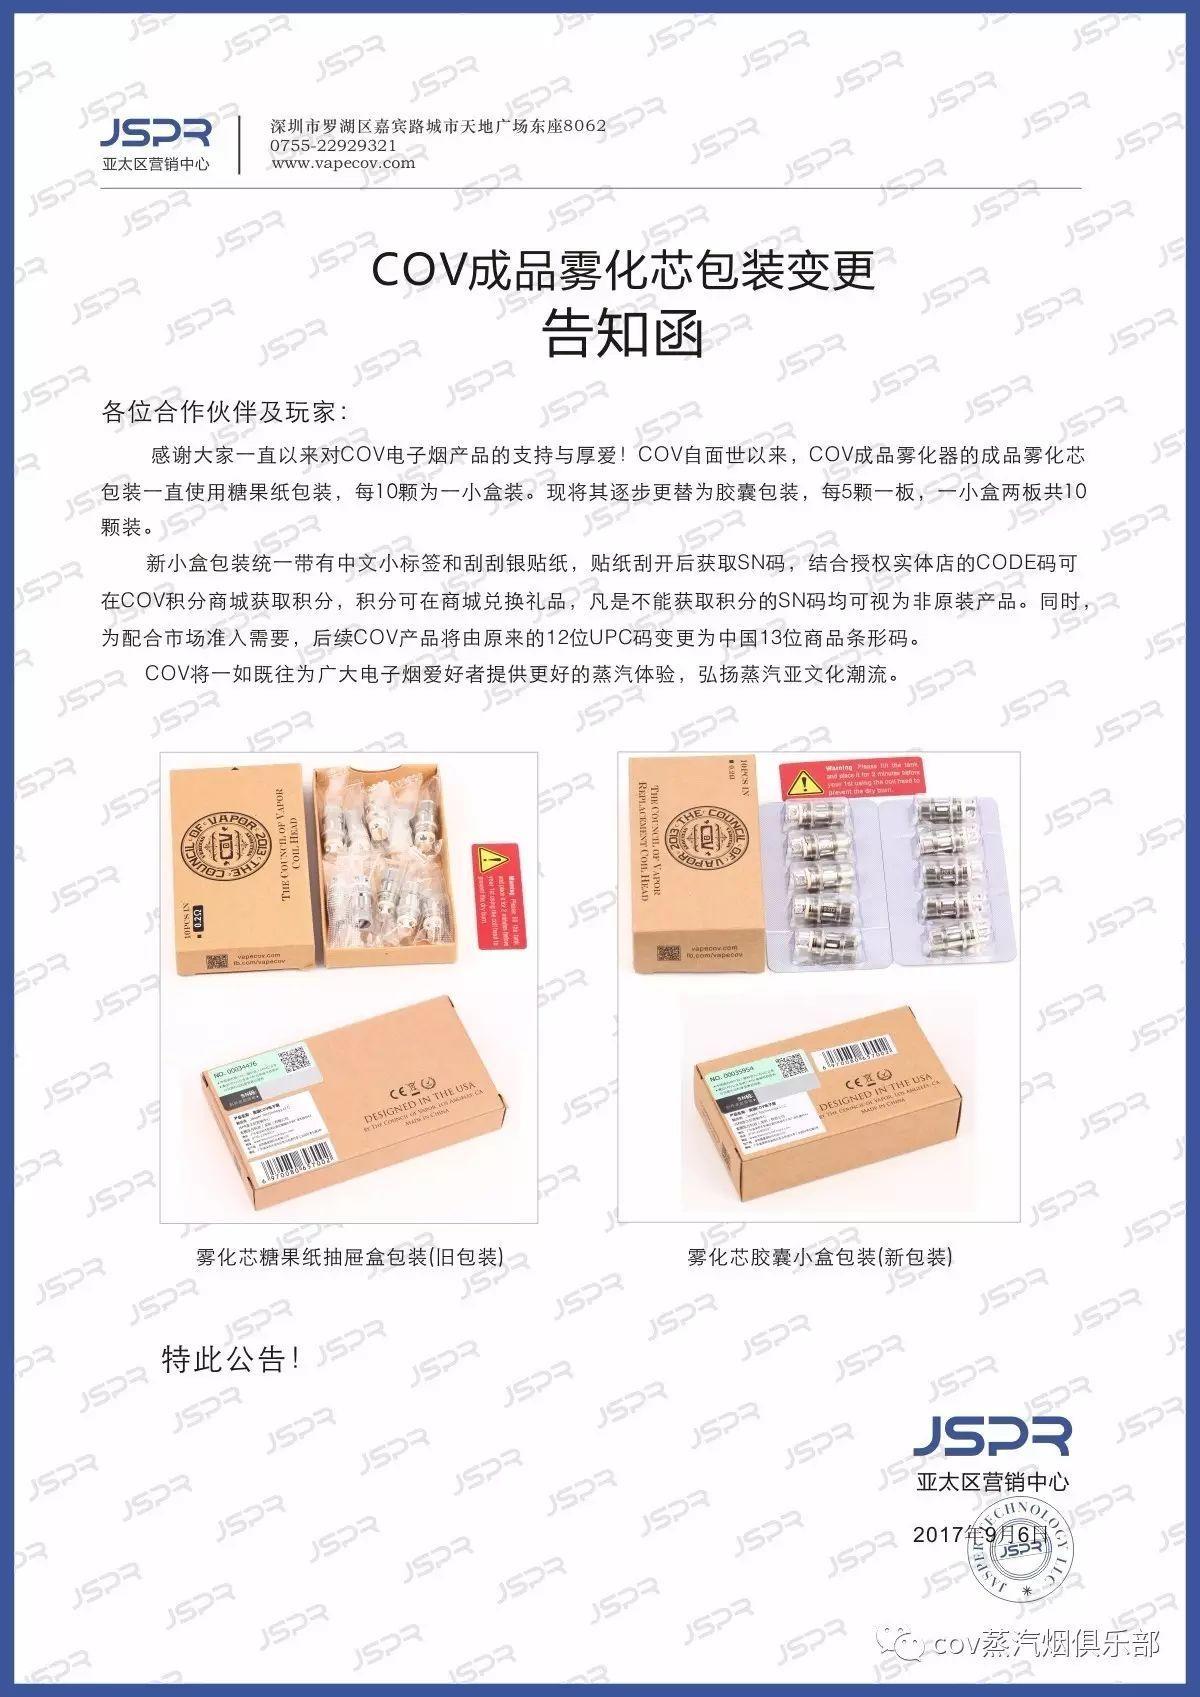 告知函丨COV成品雾化芯单颗包装变更